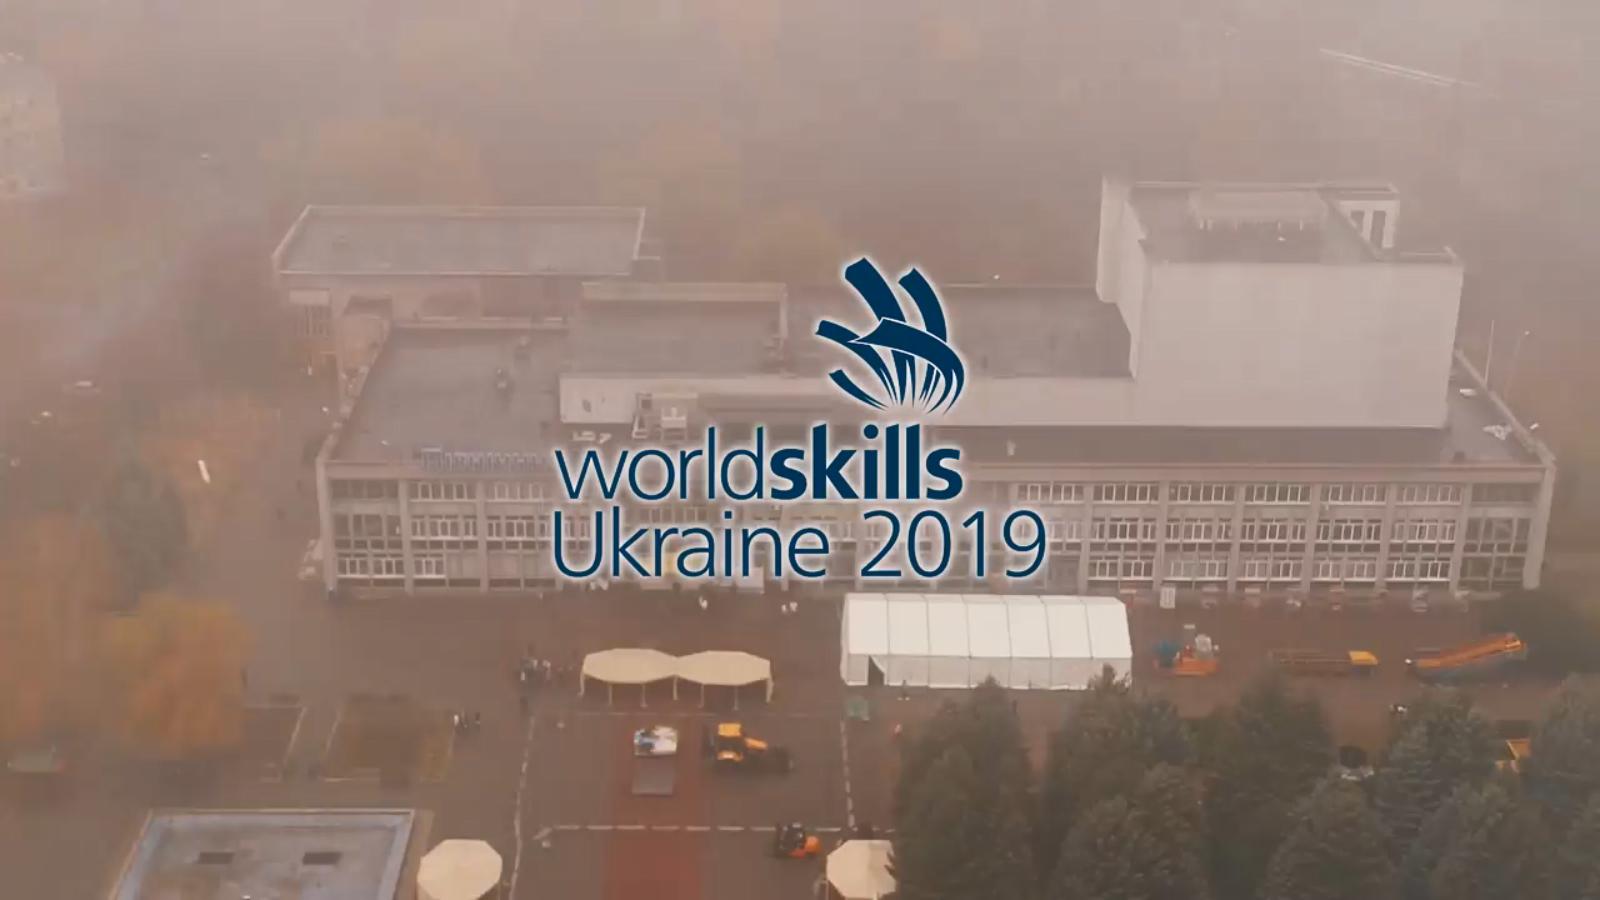 Регіональний відбір WorldSkills Ukraine-2019: Дніпропетровська область. Виконання конкурсних завдань